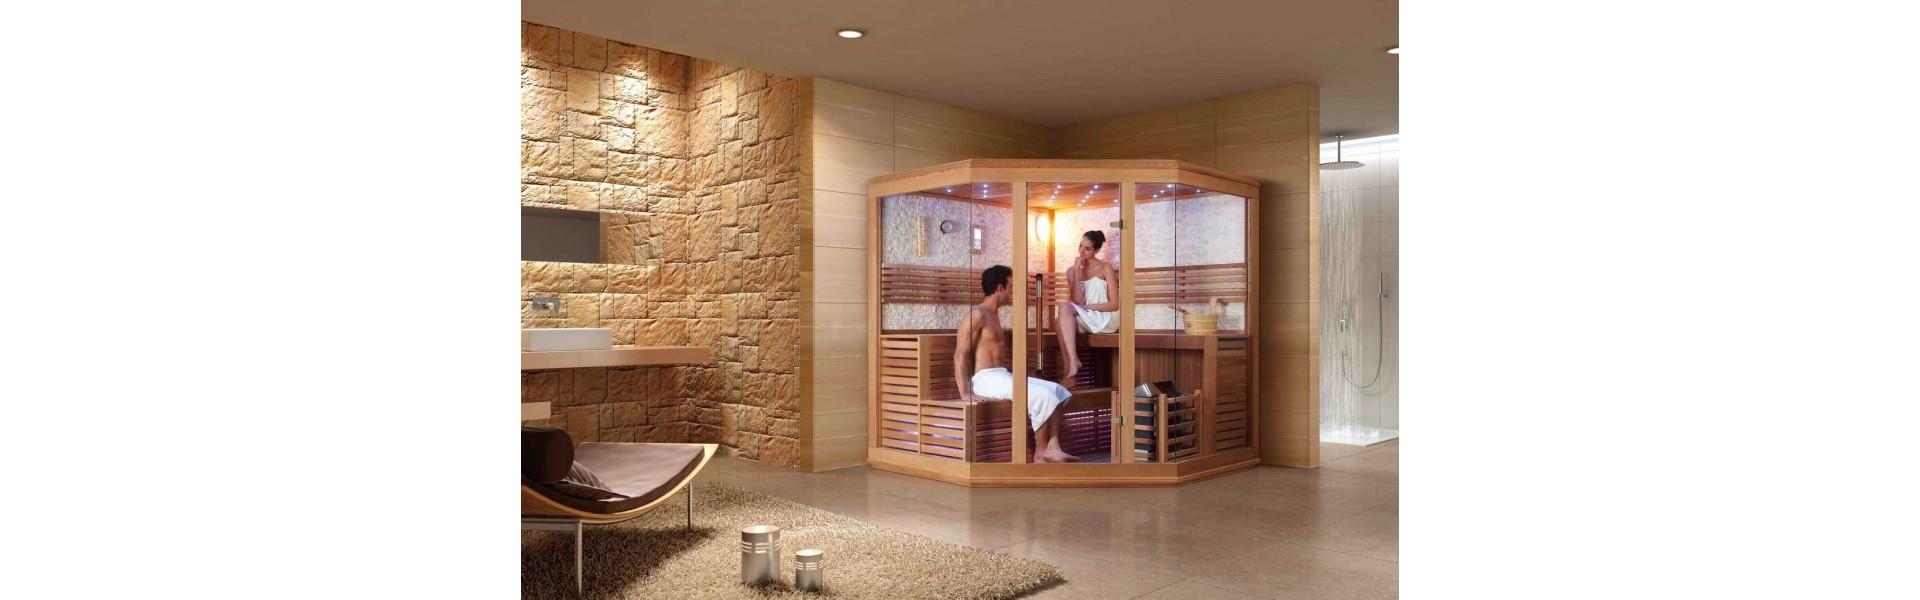 Cabinas De Ducha Ofertas:Híbridos de cabinas de hidromasaje sauna Mitad ducha, mitad sauna